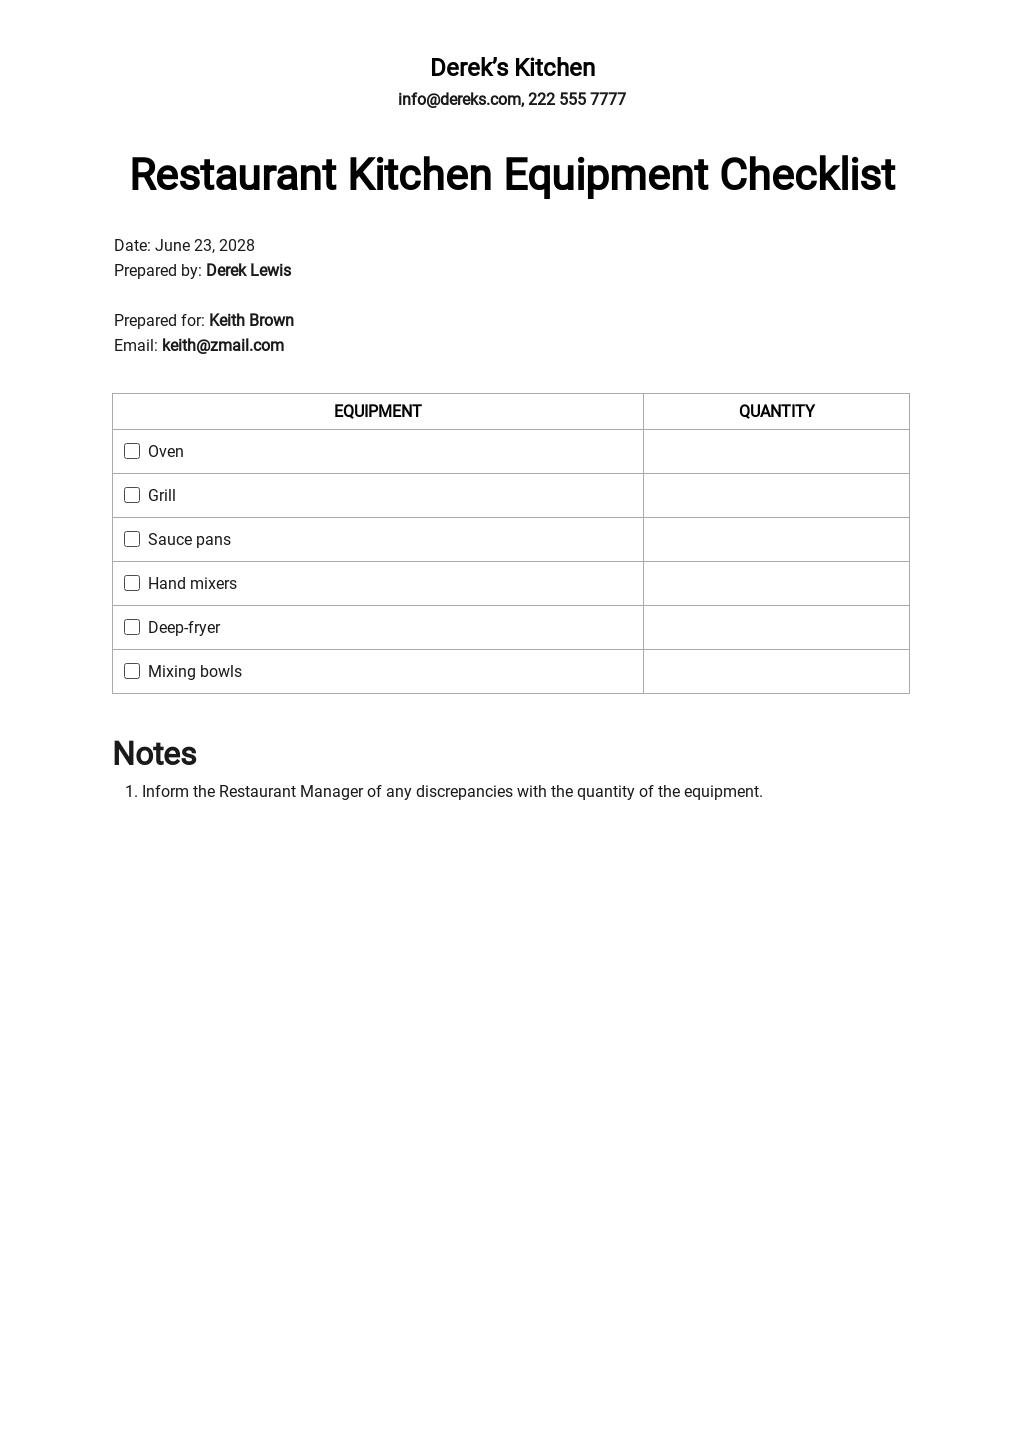 Restaurant Kitchen Equipment Checklist Template.jpe